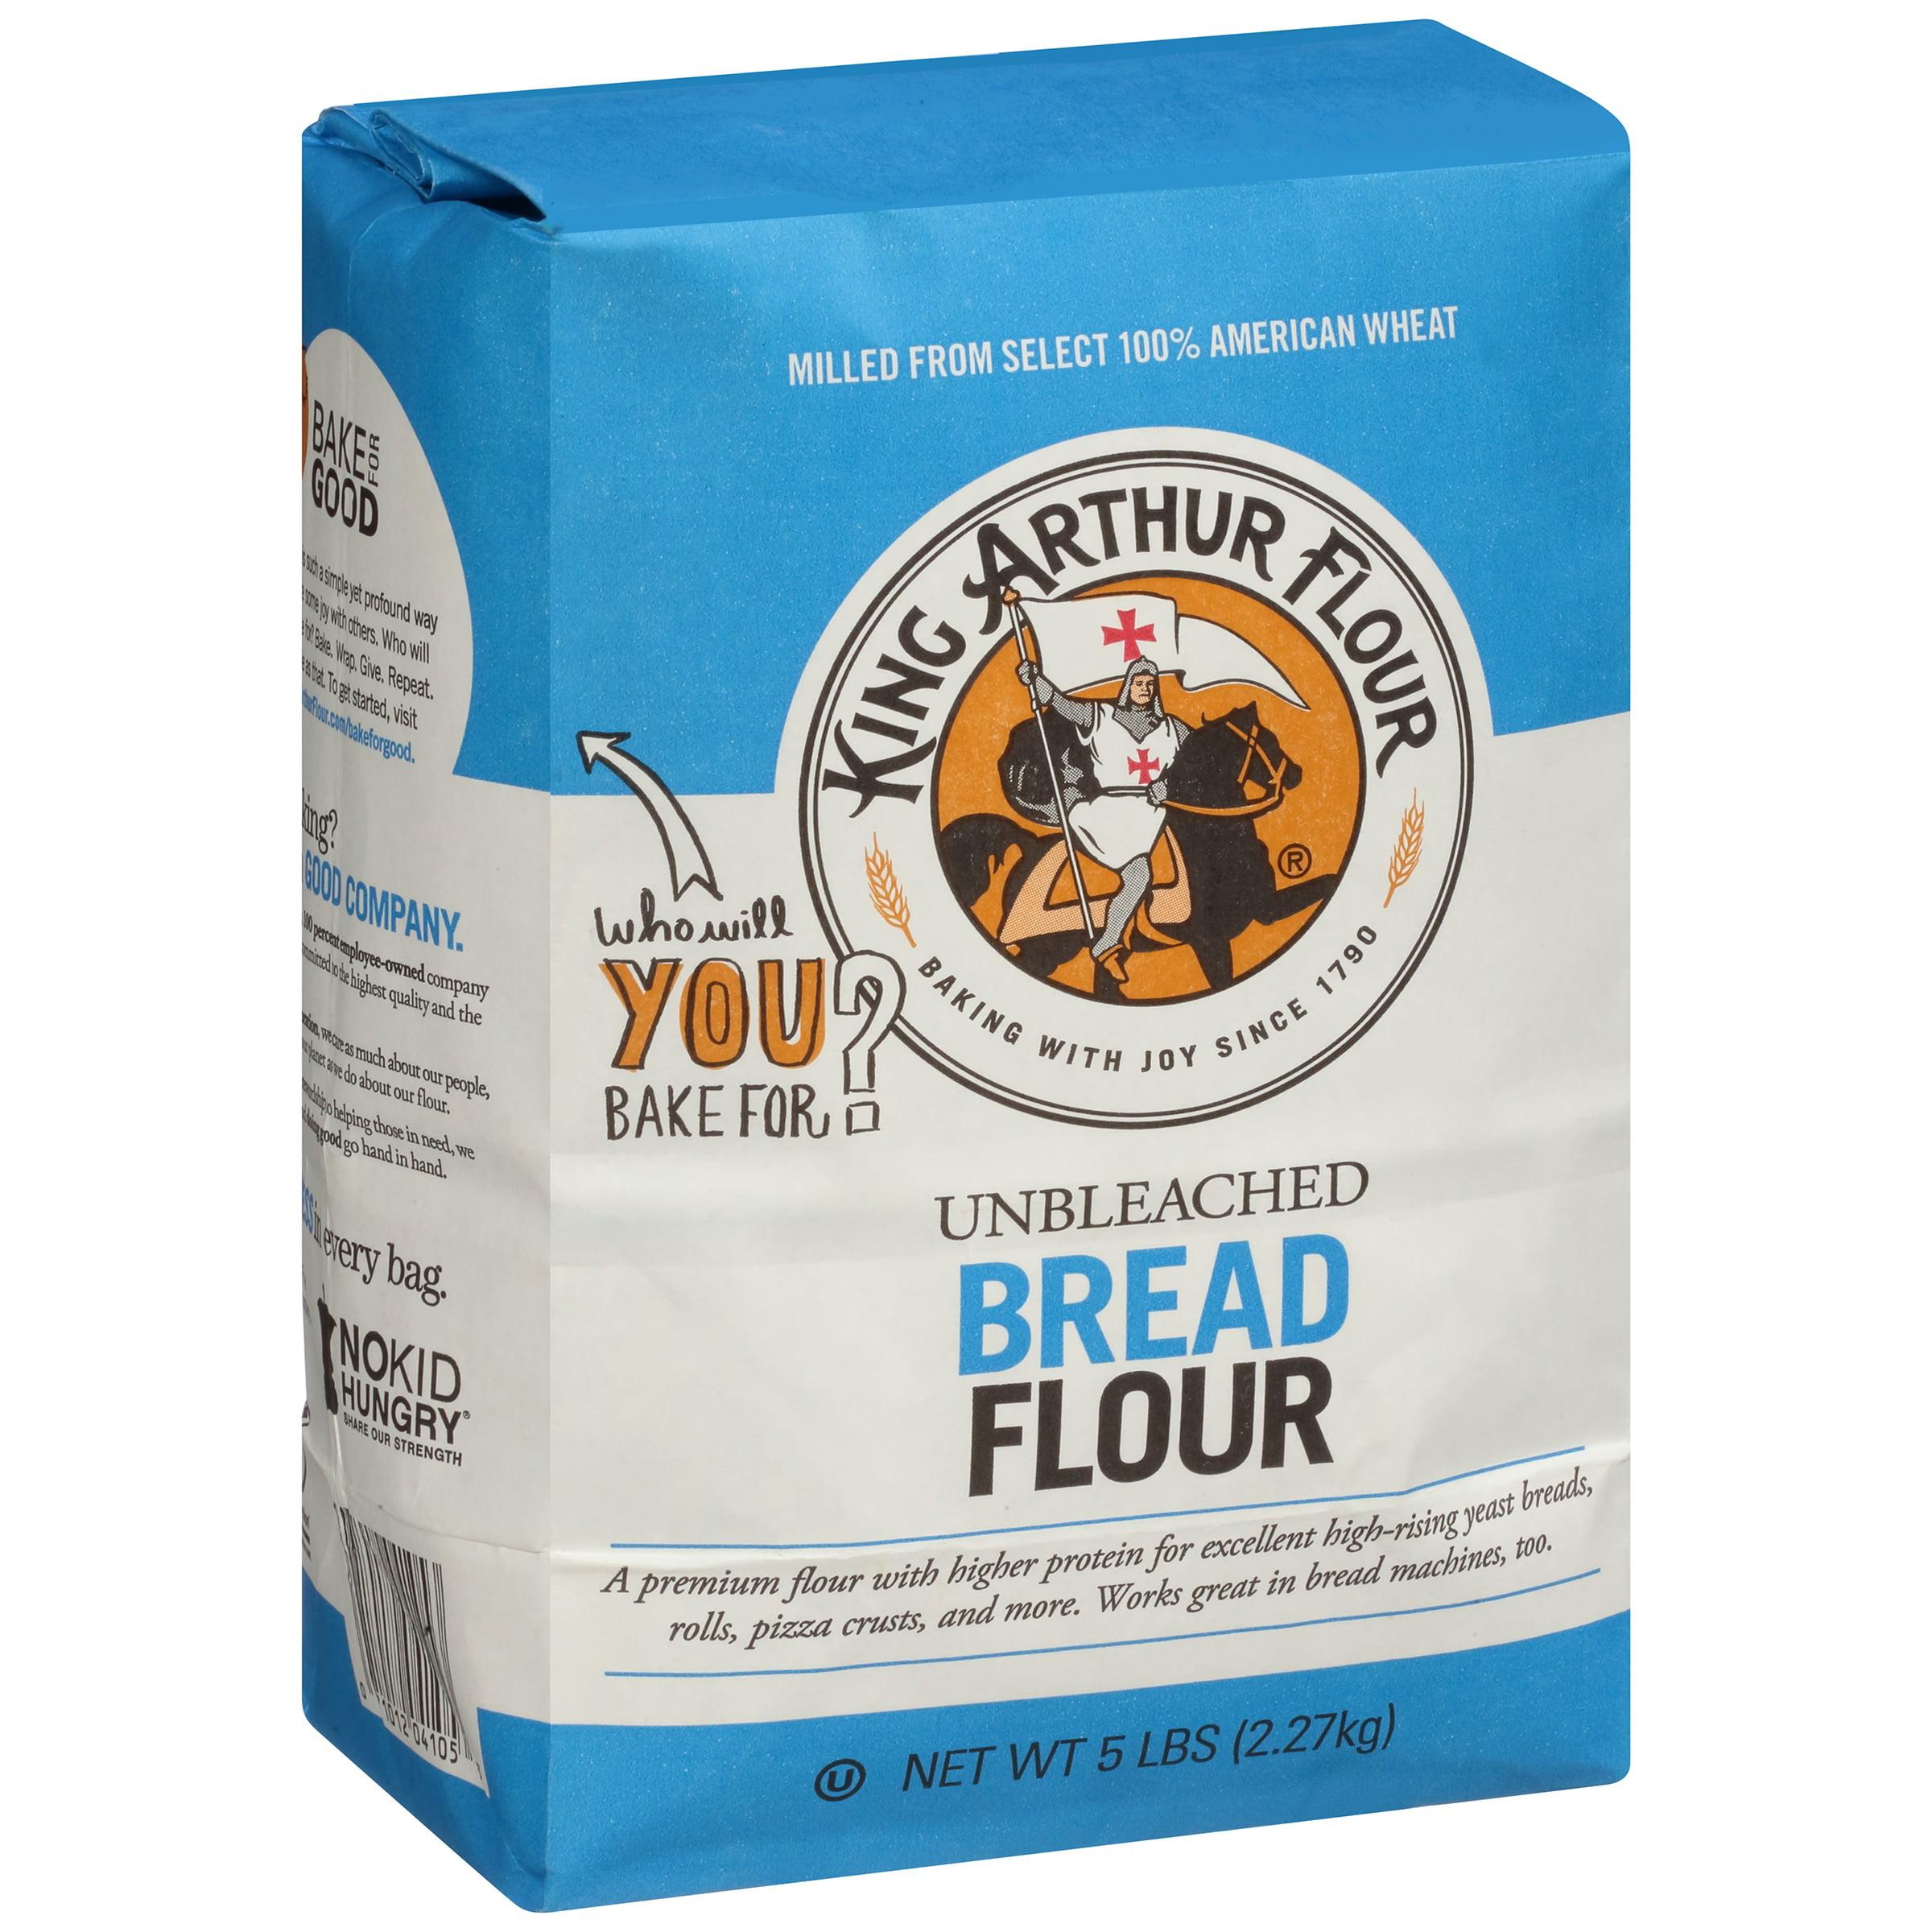 King Unbleached Flour Arthur Bread Flour 5 Lb